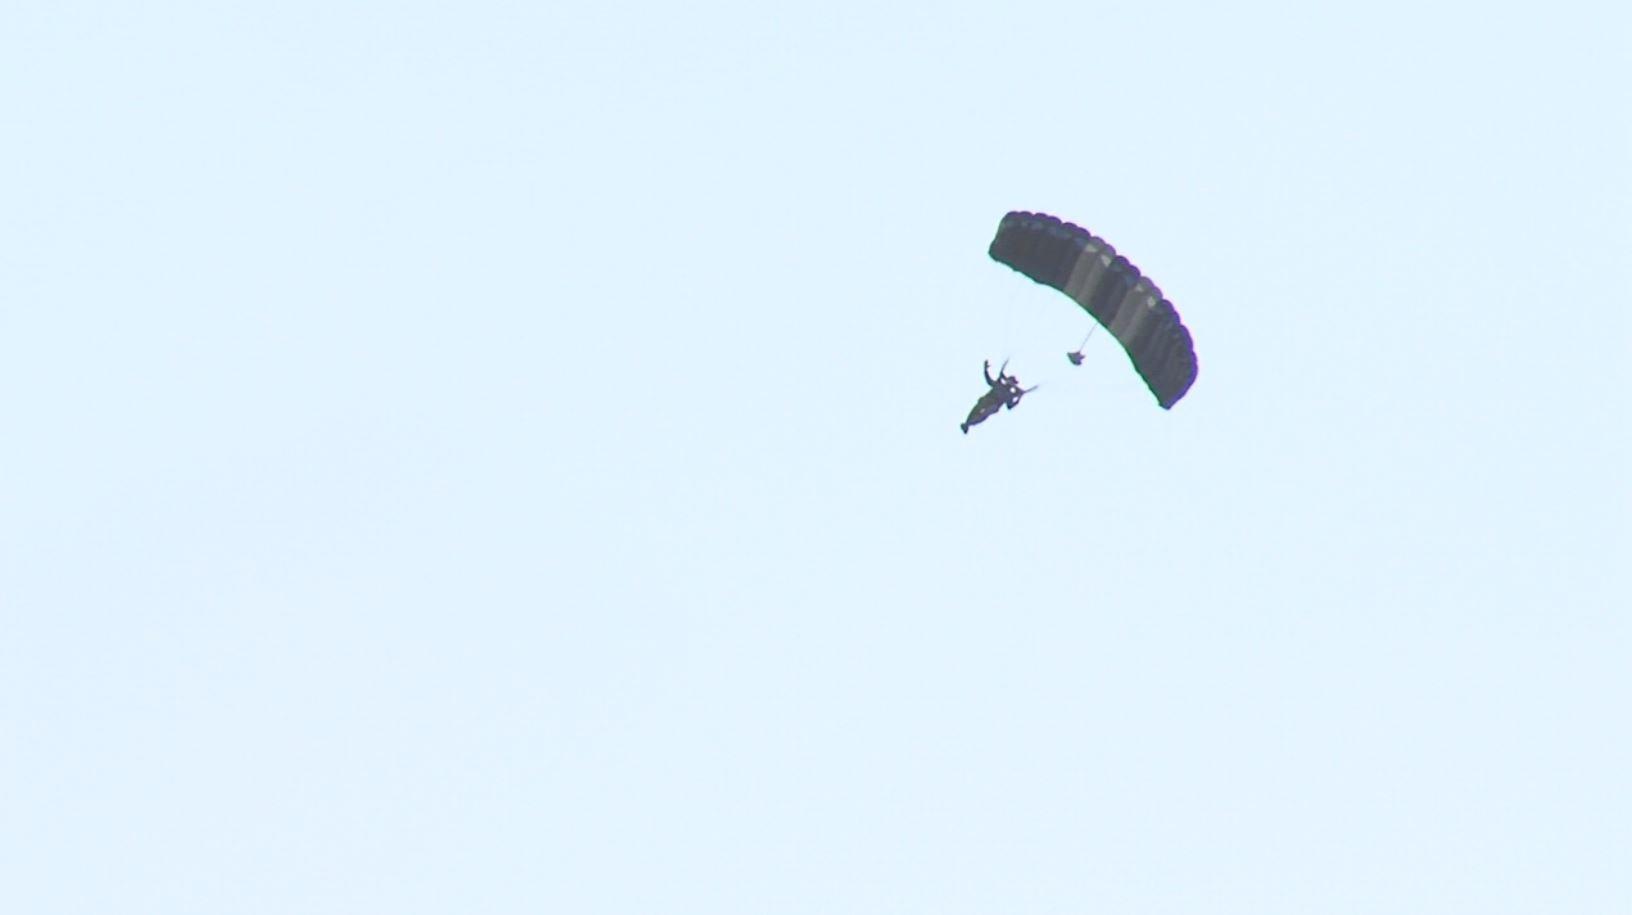 Man skydiving in Jamul injured in 'hard landing'